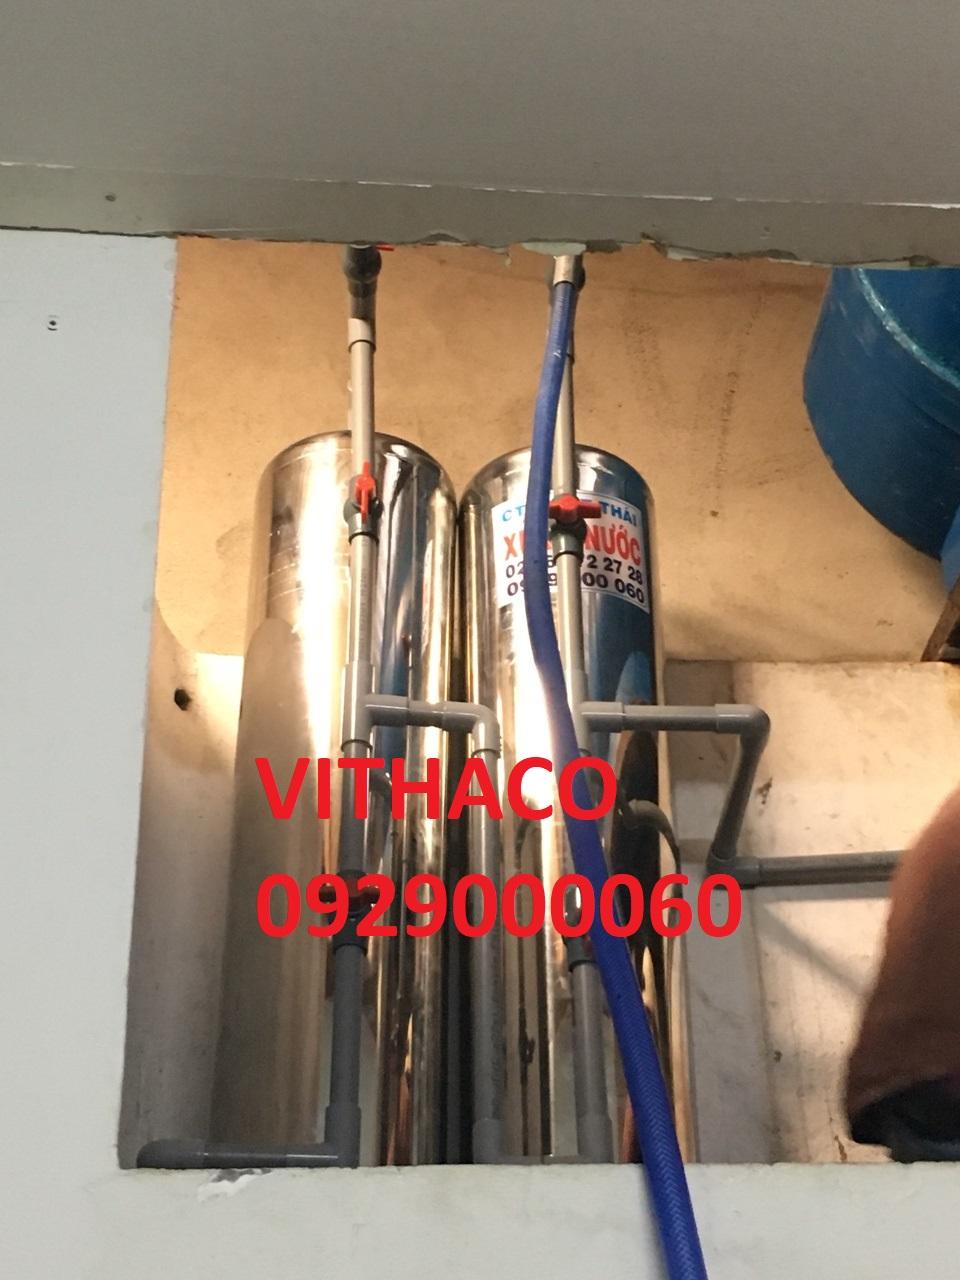 xử lý nước lọc nước Xa Phuoc Loi, Huyen Ben Luc, Tinh Long An nhiễm phèn sắt phèn vôi